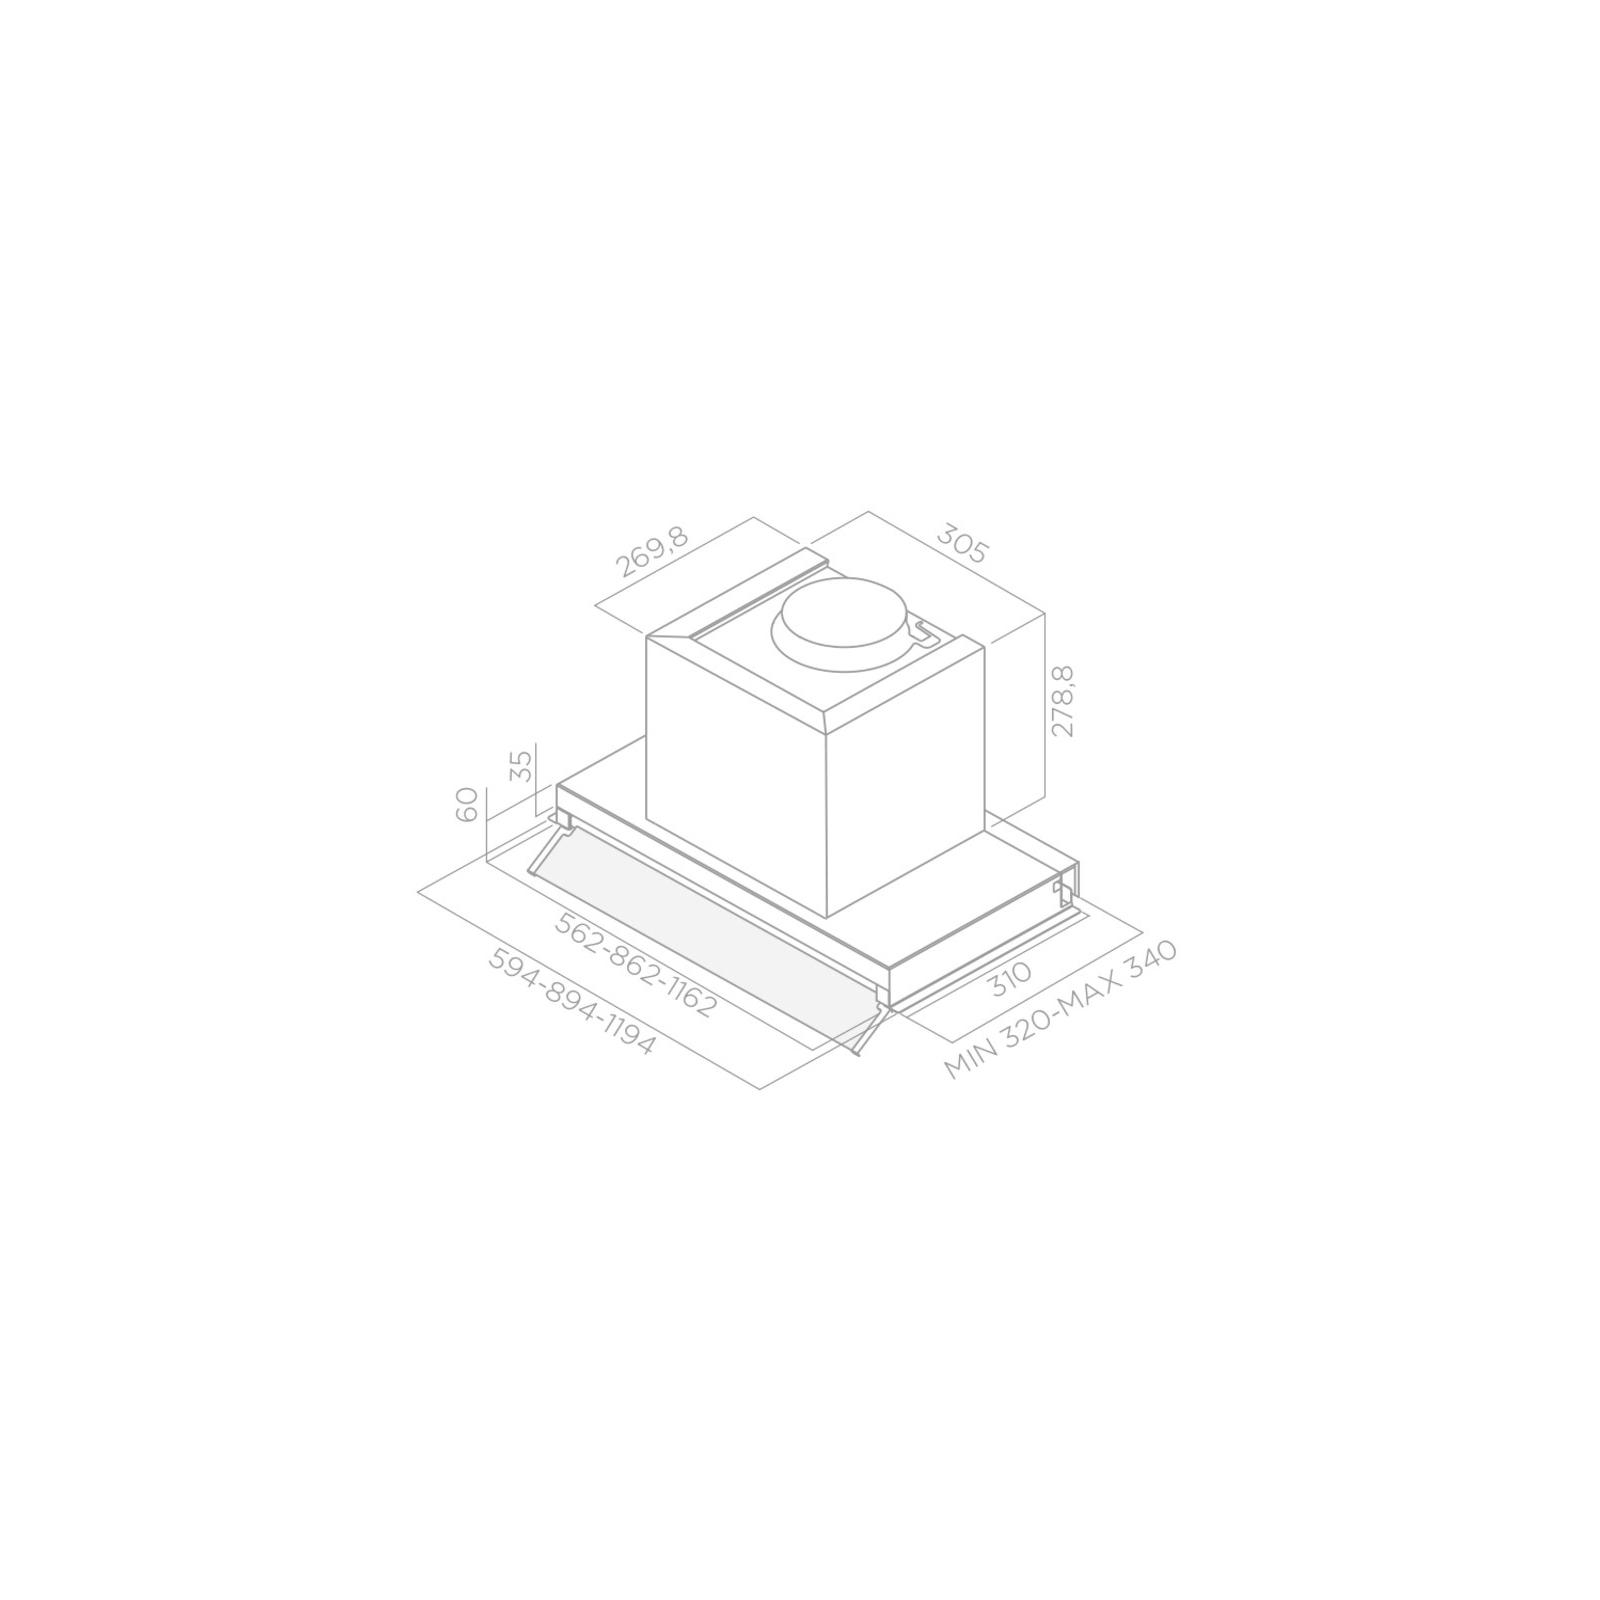 Вытяжка кухонная ELICA BOX IN PLUS IXGL/A/90 изображение 2